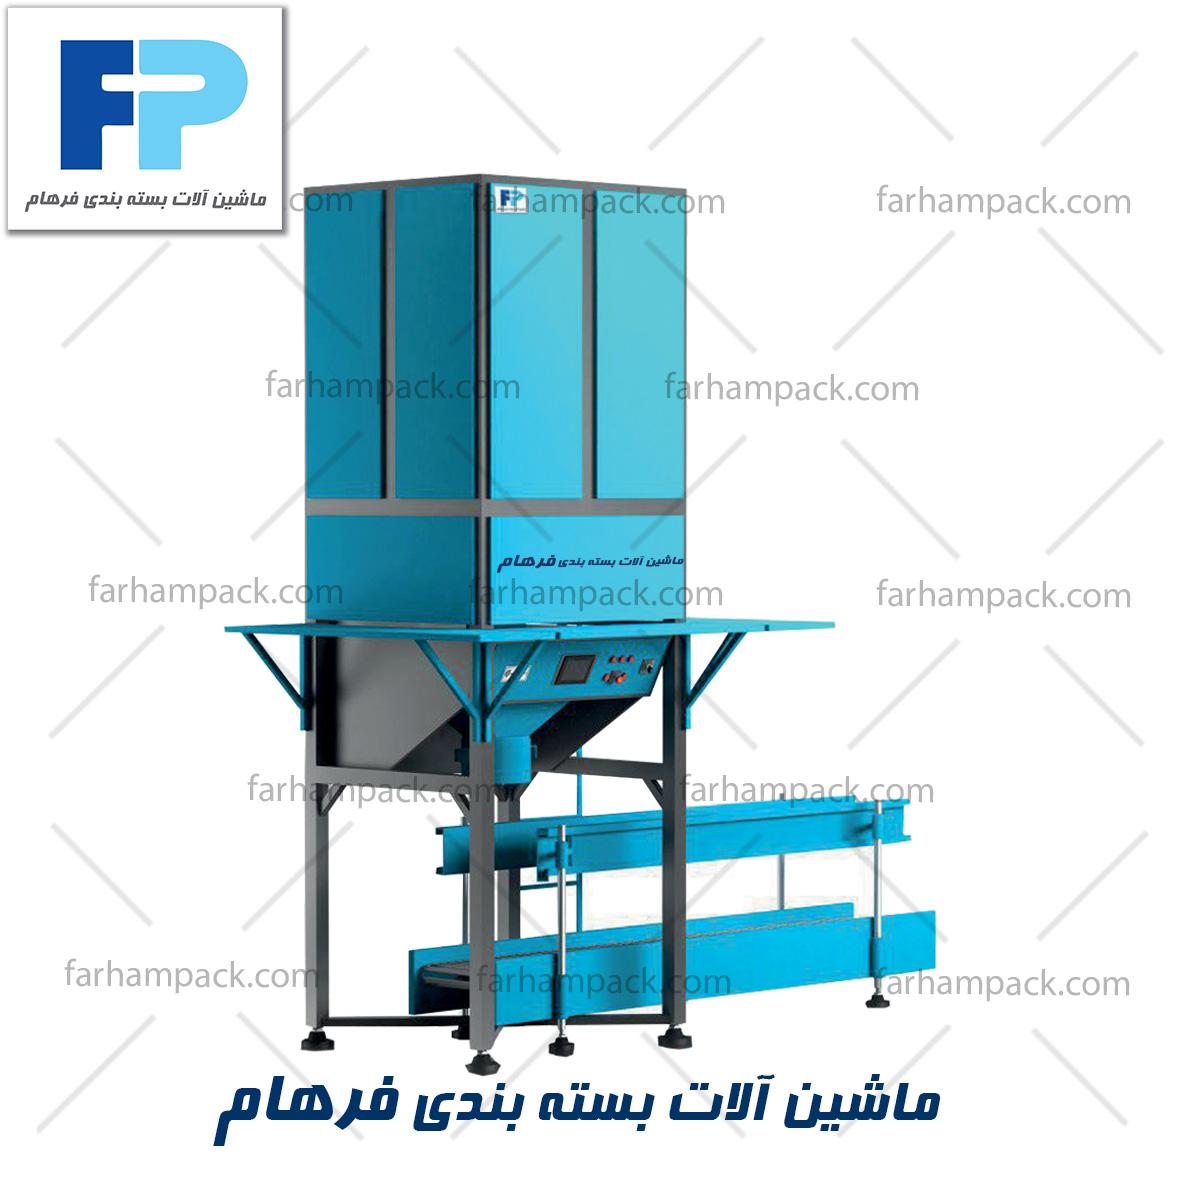 کیسه پرکن گرانولی مخصوص پرکردن انواع مواد گرانولی شامل حبوبات،خشکبار وغیره.... در داخل انواع کیسه می باشد .